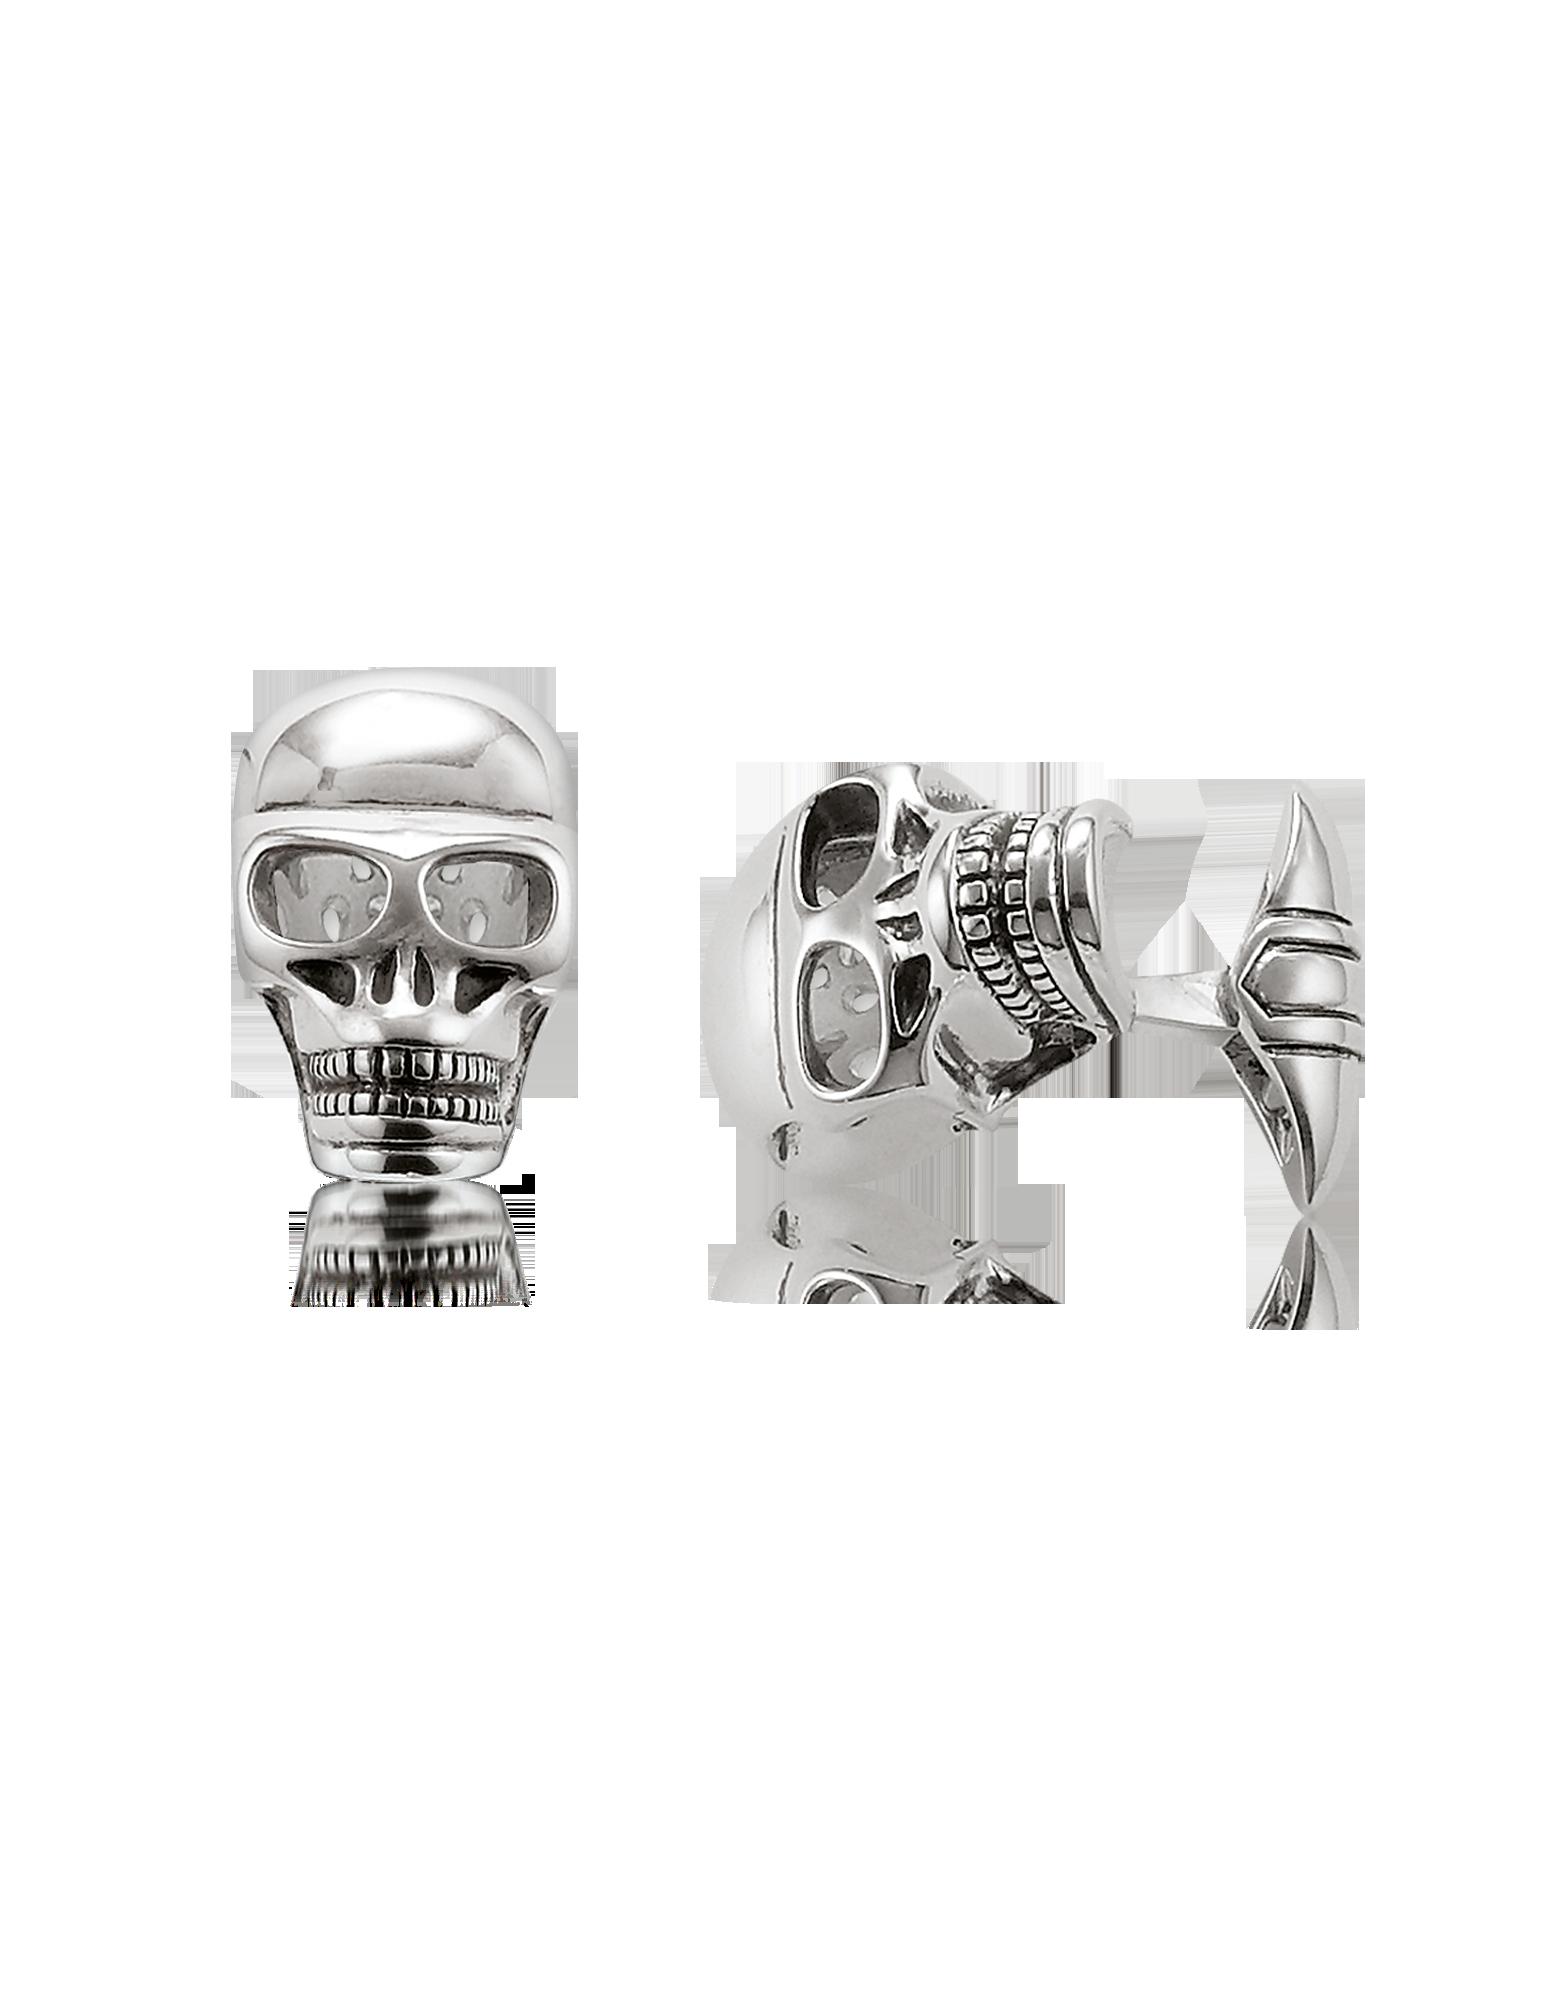 Image of Blackened 925 Sterling silver Skull Cufflinks